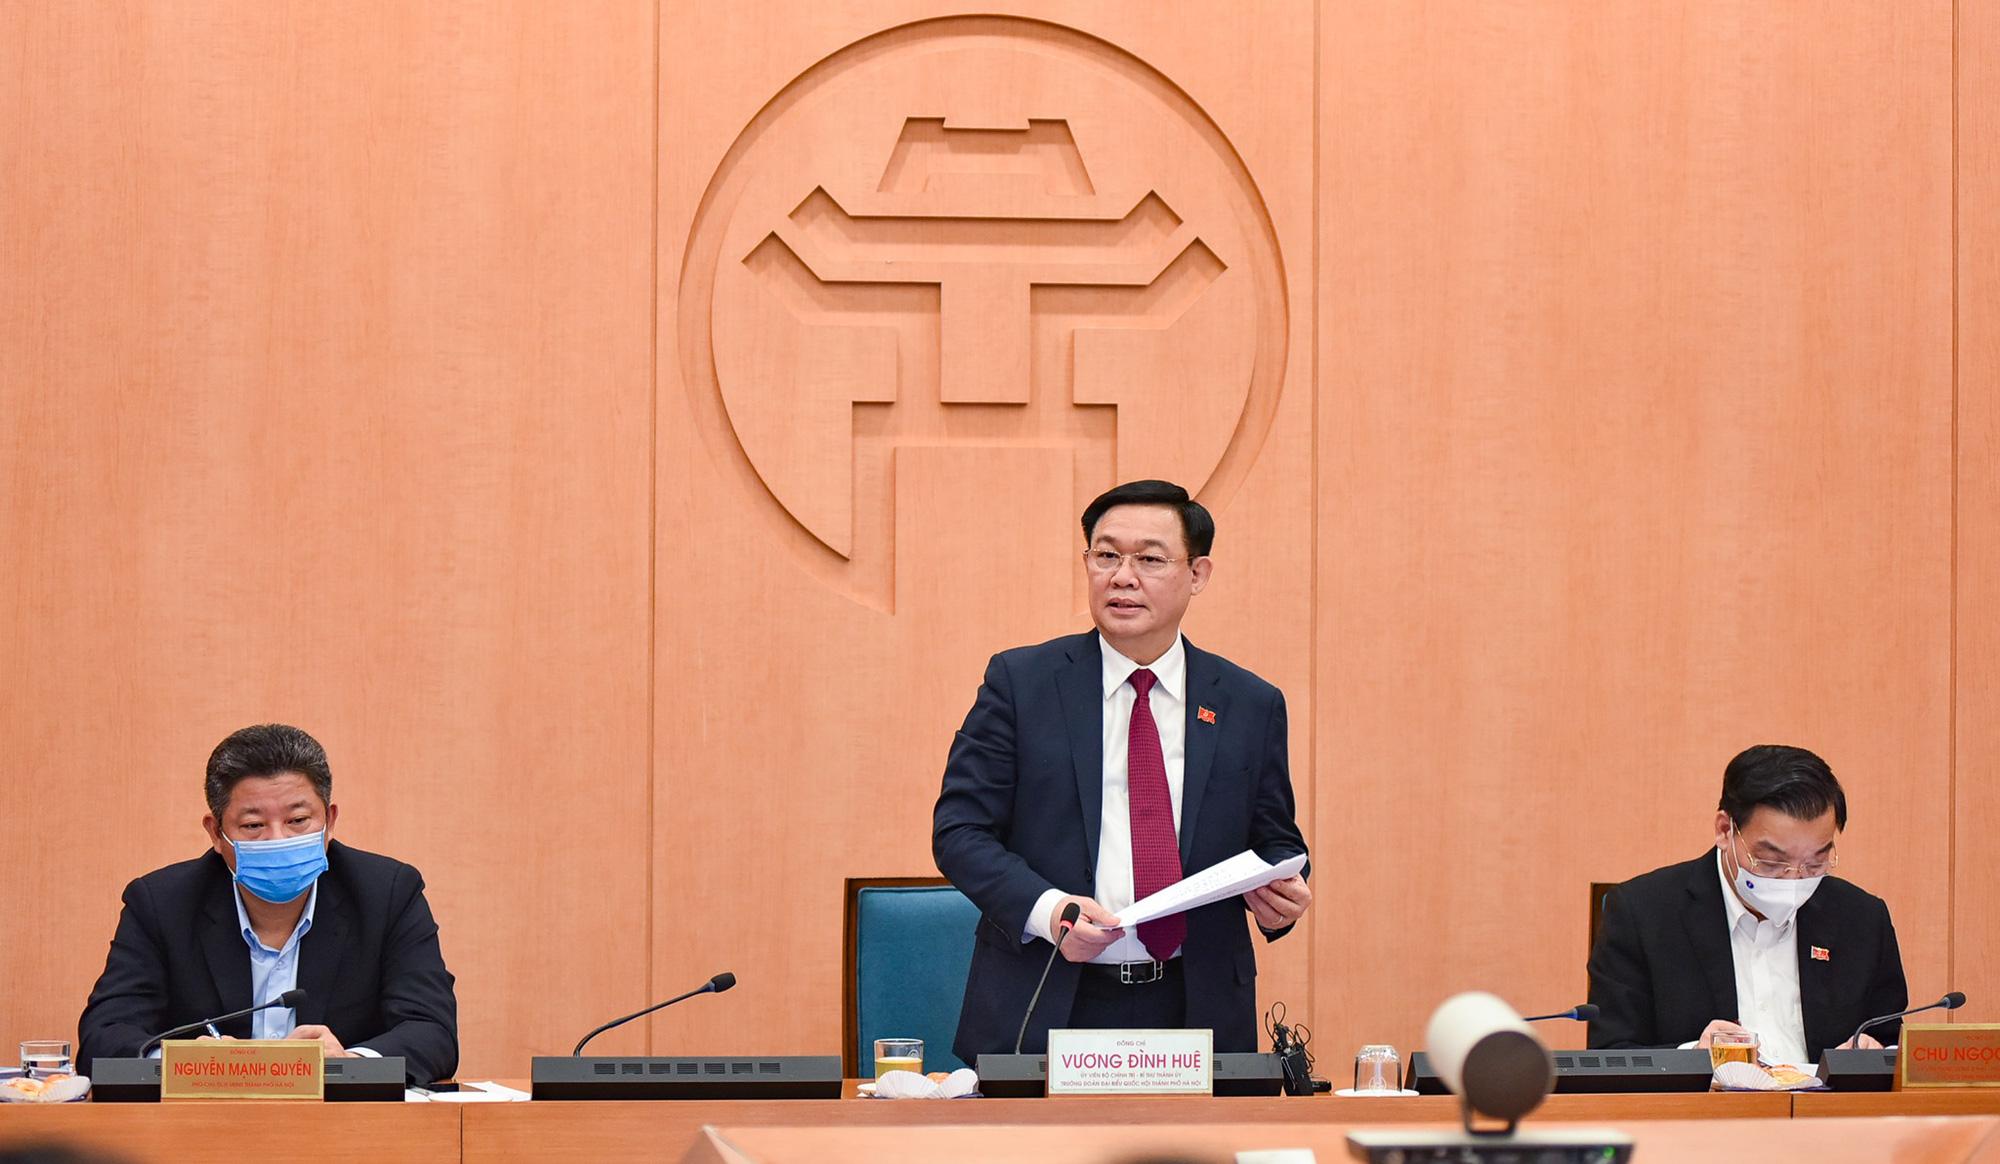 Covid-19 ở Hà Nội: Có cần thiết phong tỏa theo Chỉ thị của Thủ tướng - Ảnh 1.